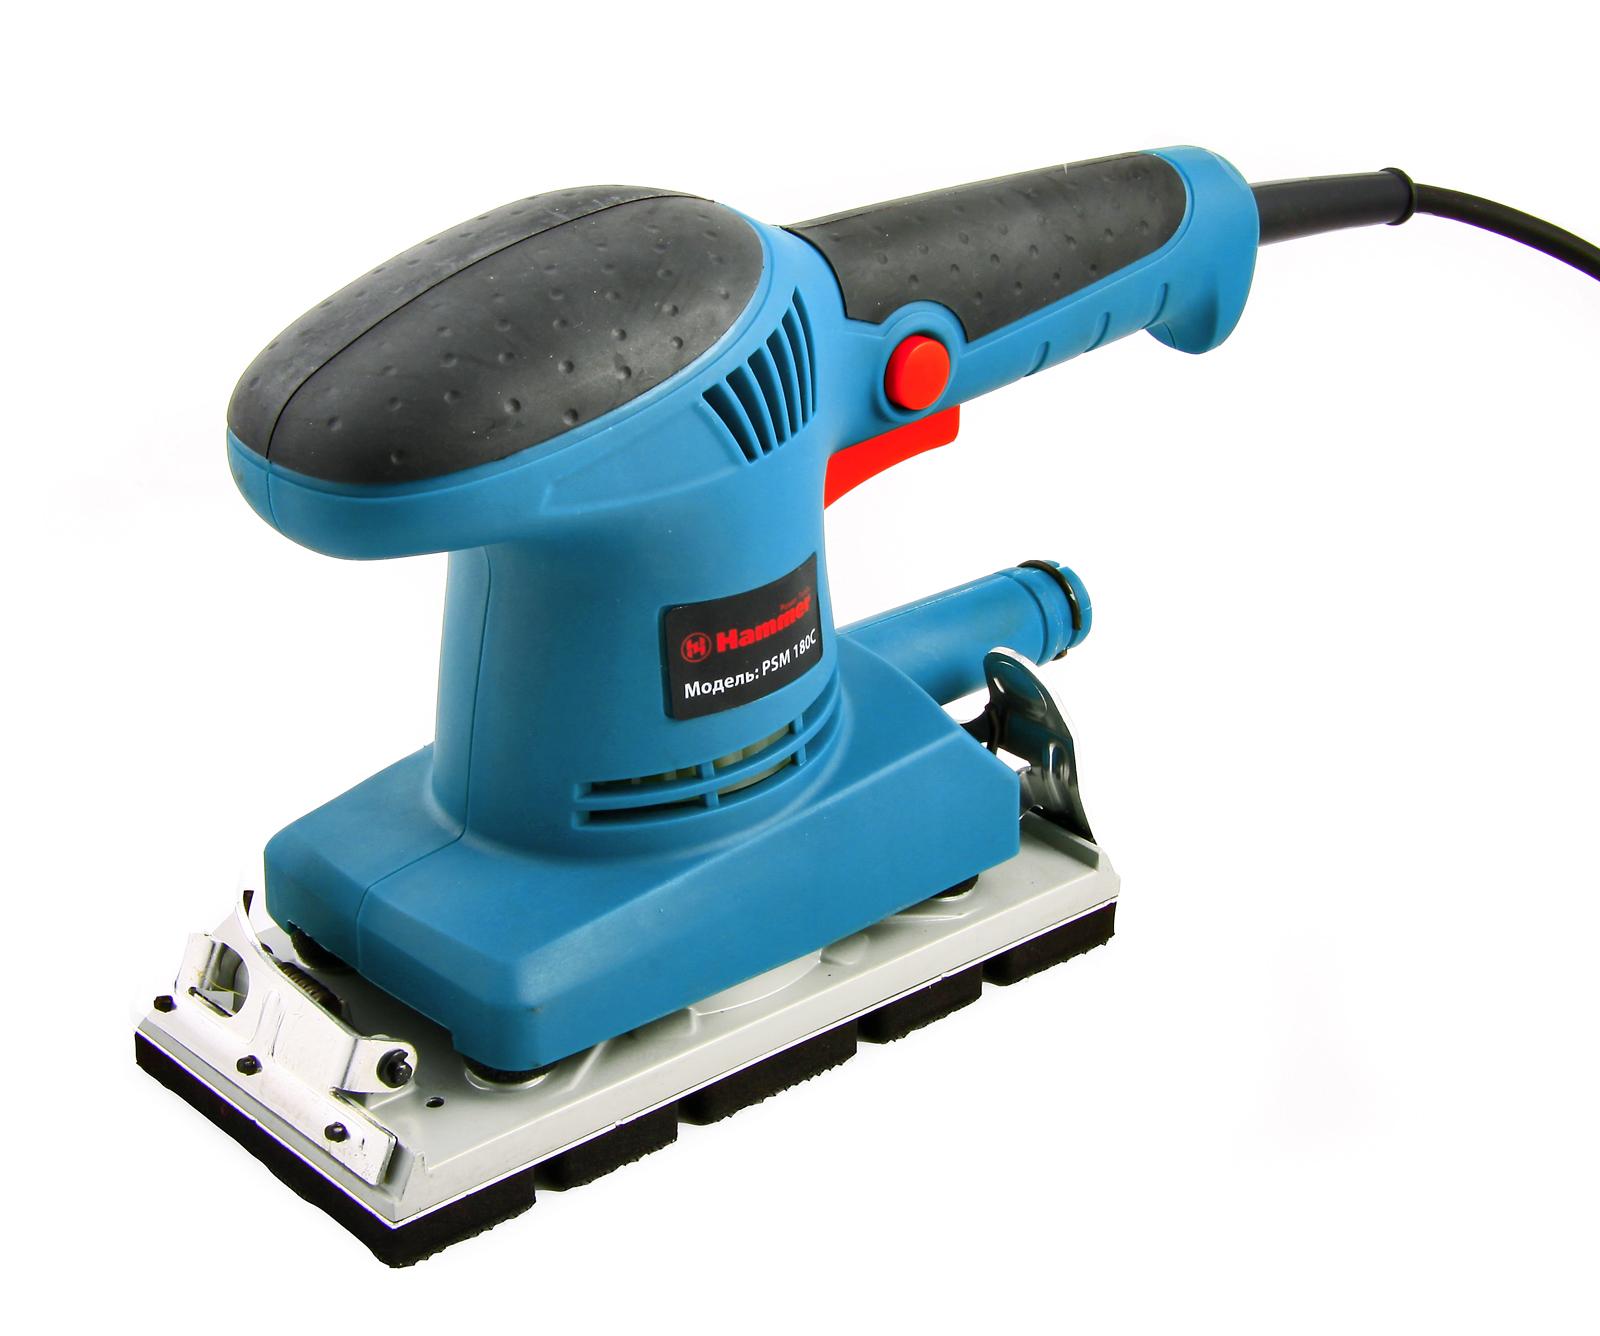 Машинка шлифовальная плоская (вибрационная) Hammer Psm180c premium